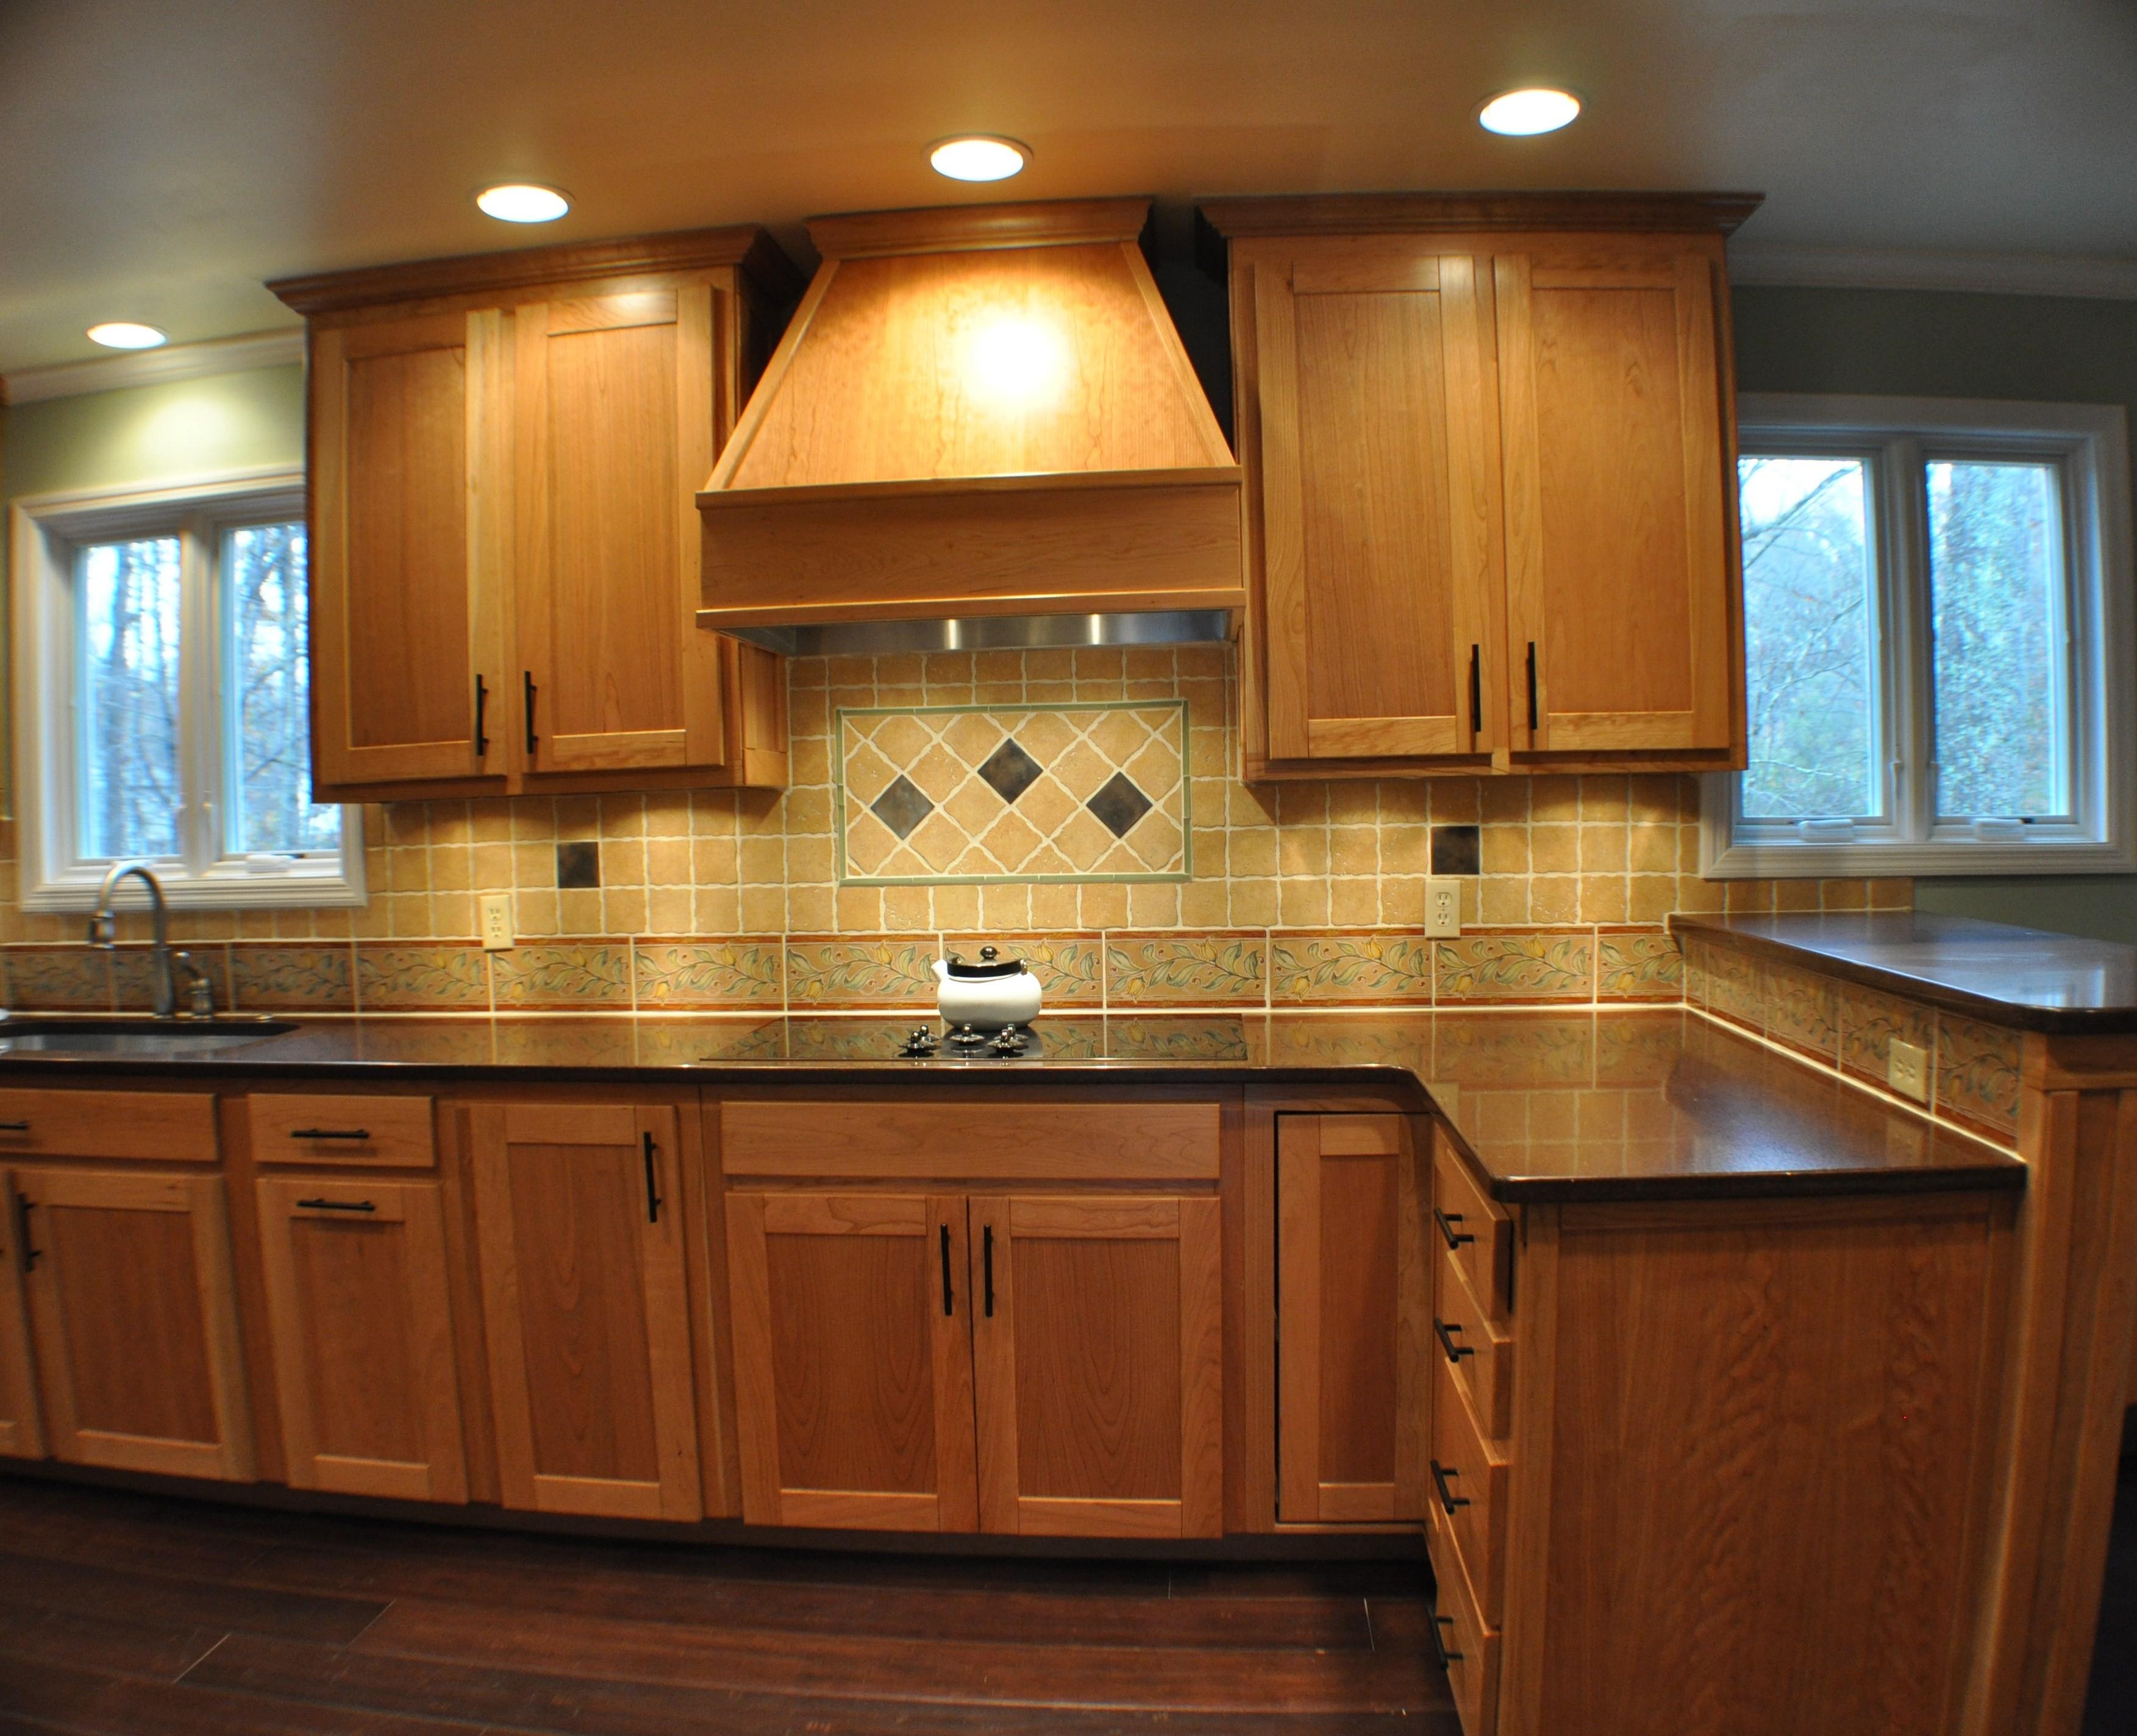 fabuleuses-idées-de-conception-de-cuisine-traditionnelle-avec-des-armoires-de-cuisine-en-bois-marron-et-comptoir-en-granit-noir-aussi-des-armoires-de-cuisine-en-bois-mural-double-porte-aussi-marron- couleur-carreaux-dosseret-et